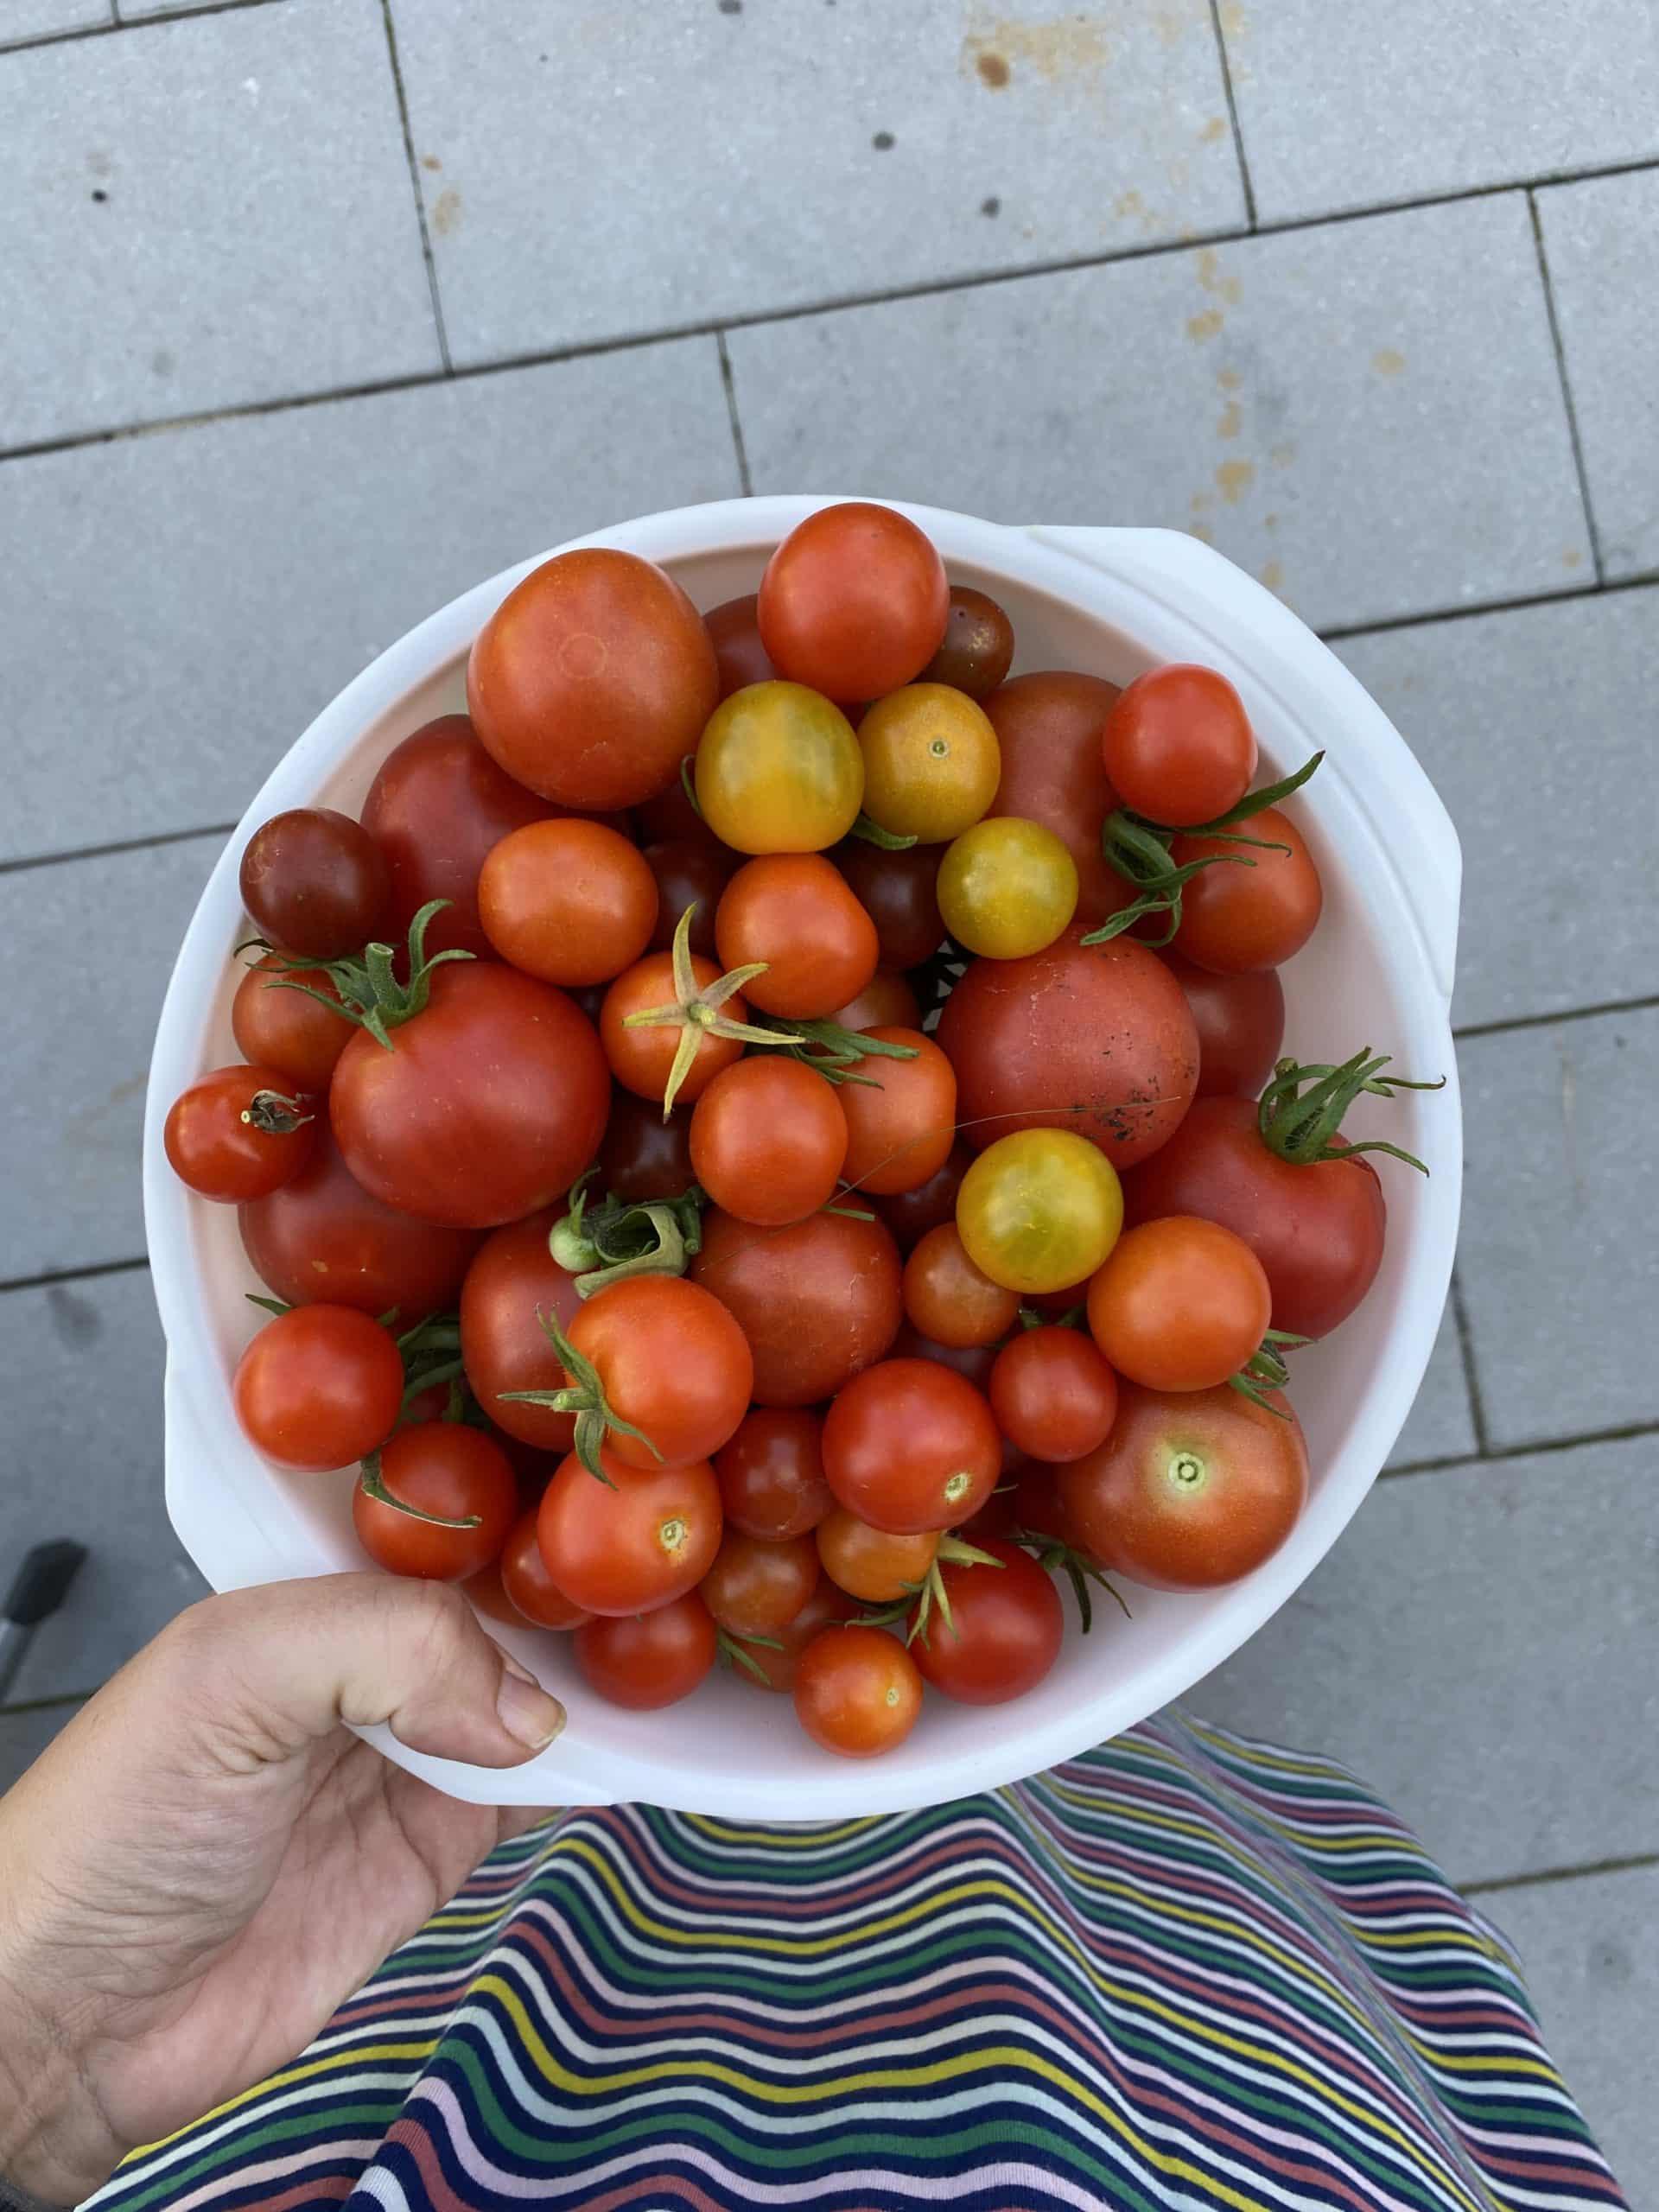 #7 Daheim angekommen muss ich erstmal die Tomaten ernten.